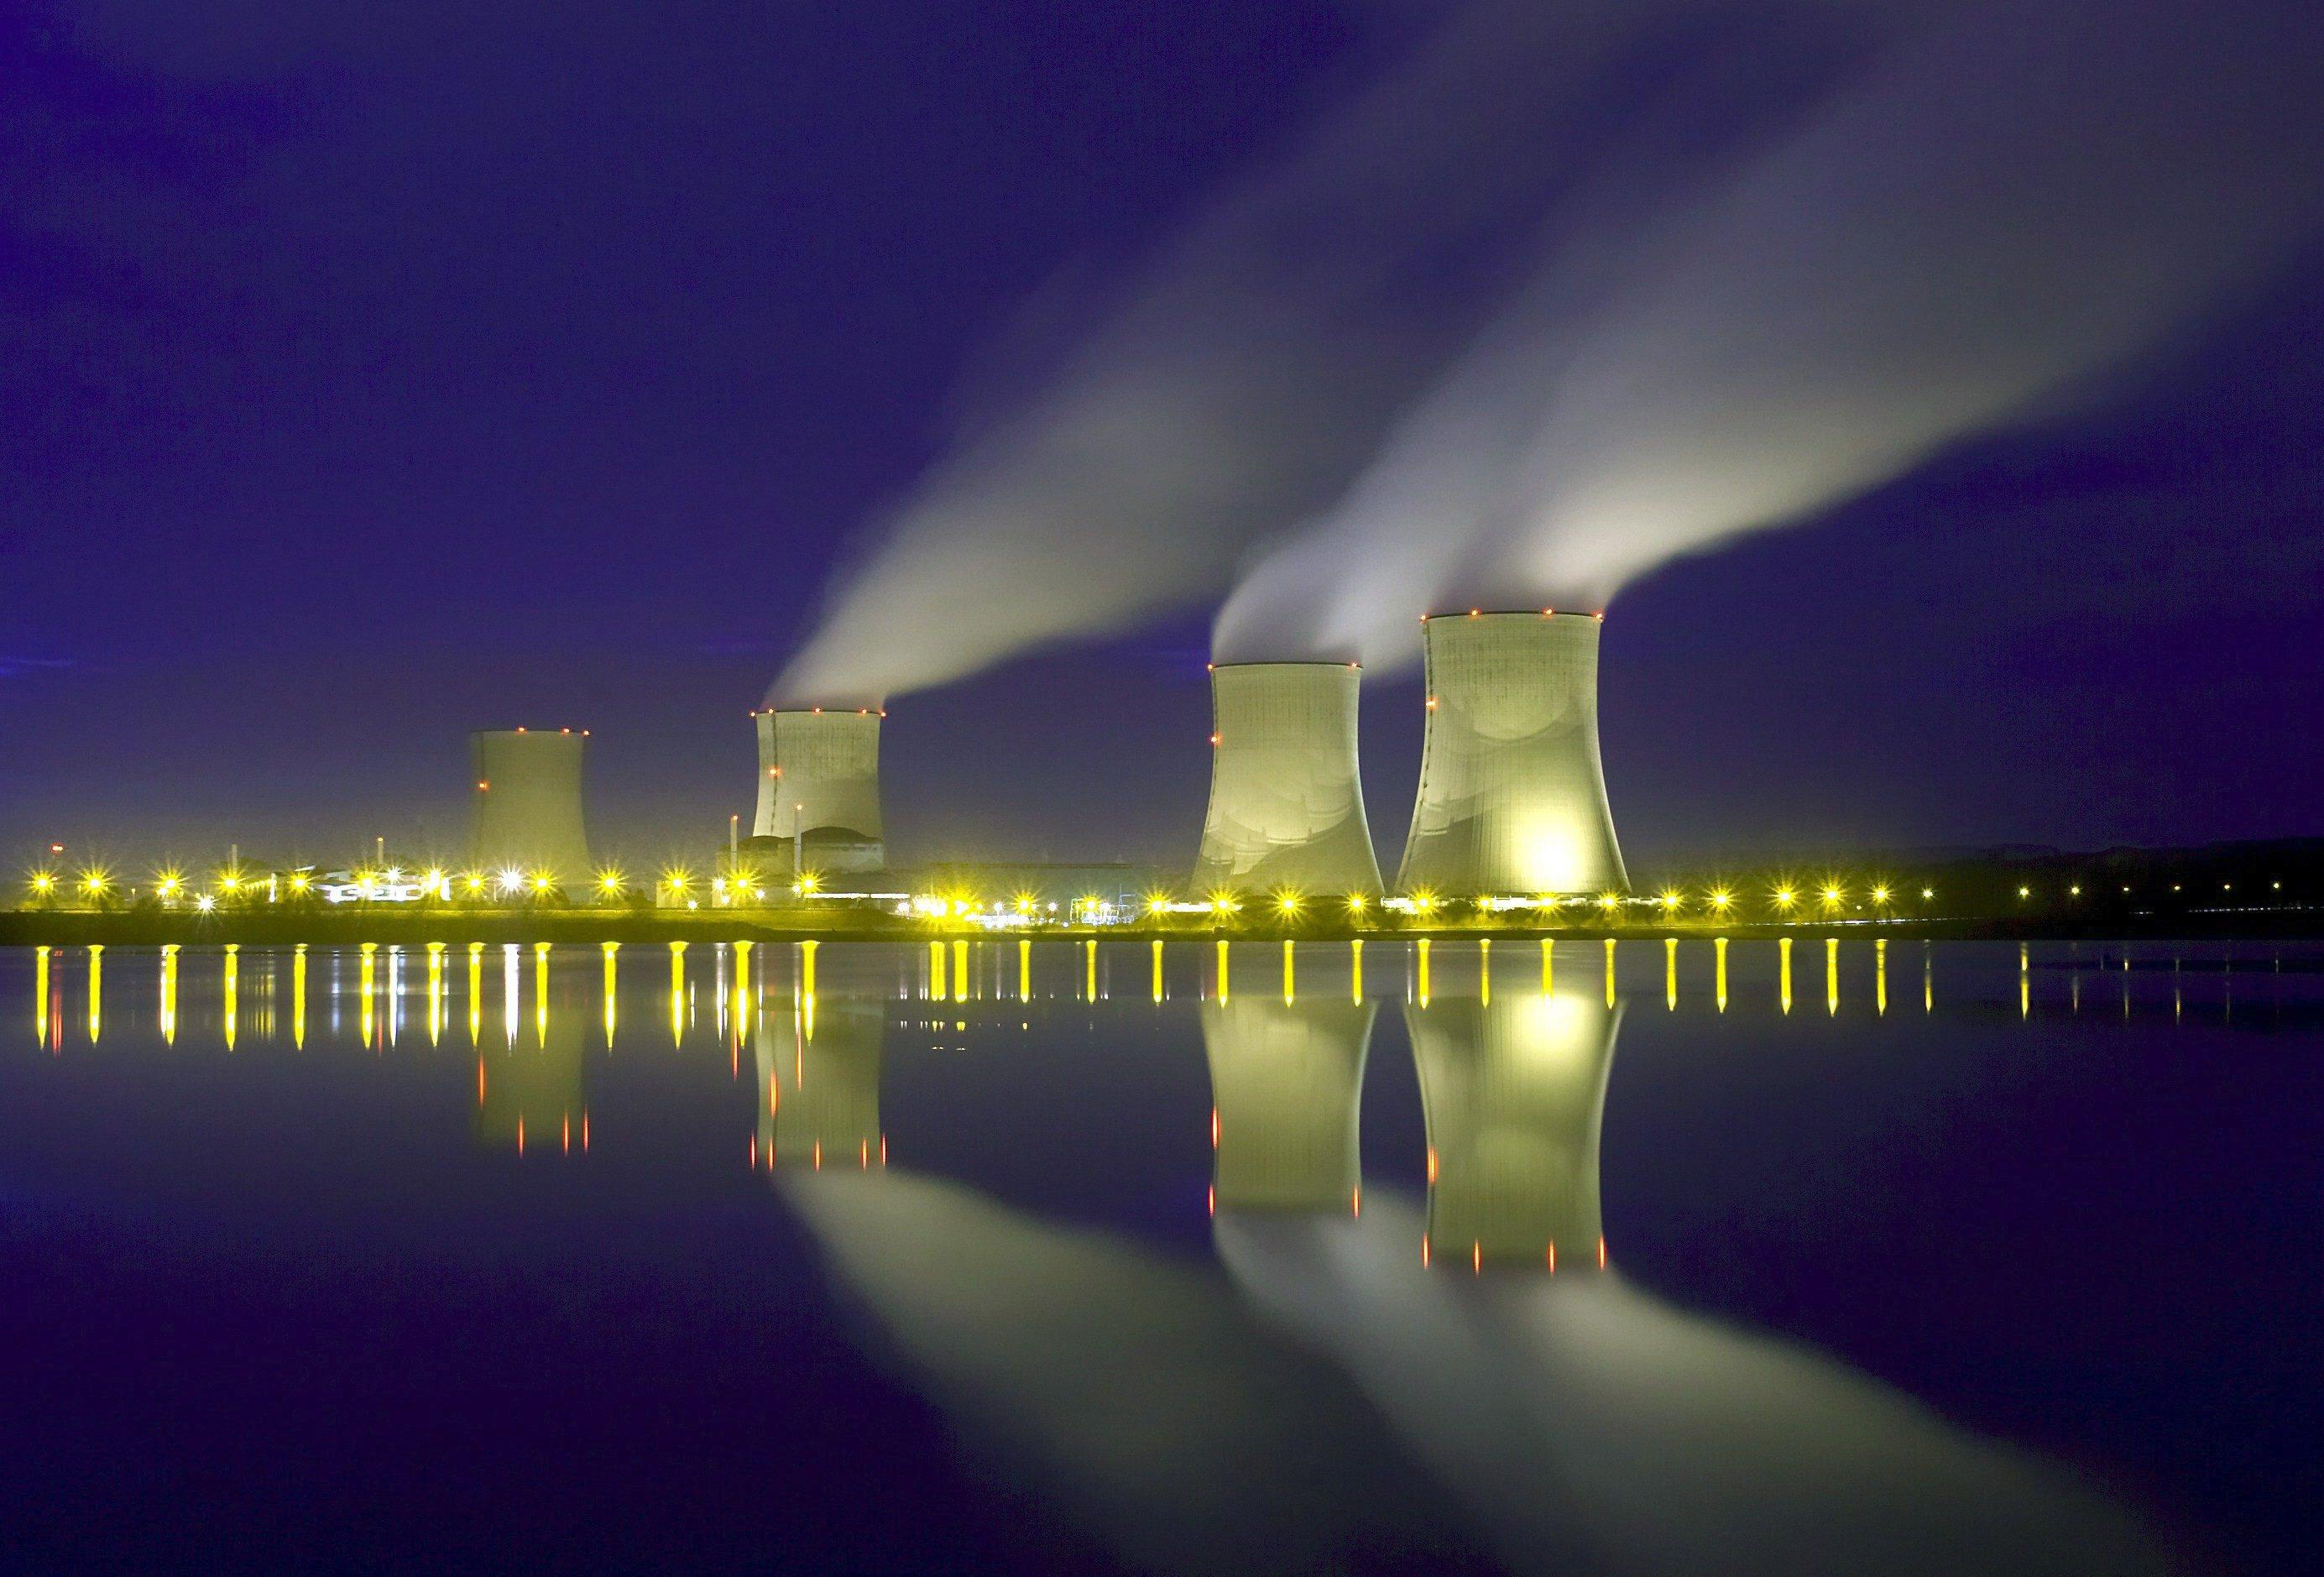 Das französische Atomkraftwerk Cattenom nahe der deutschen Grenze: Auch hier wurden schon Drohnen gesichtet.